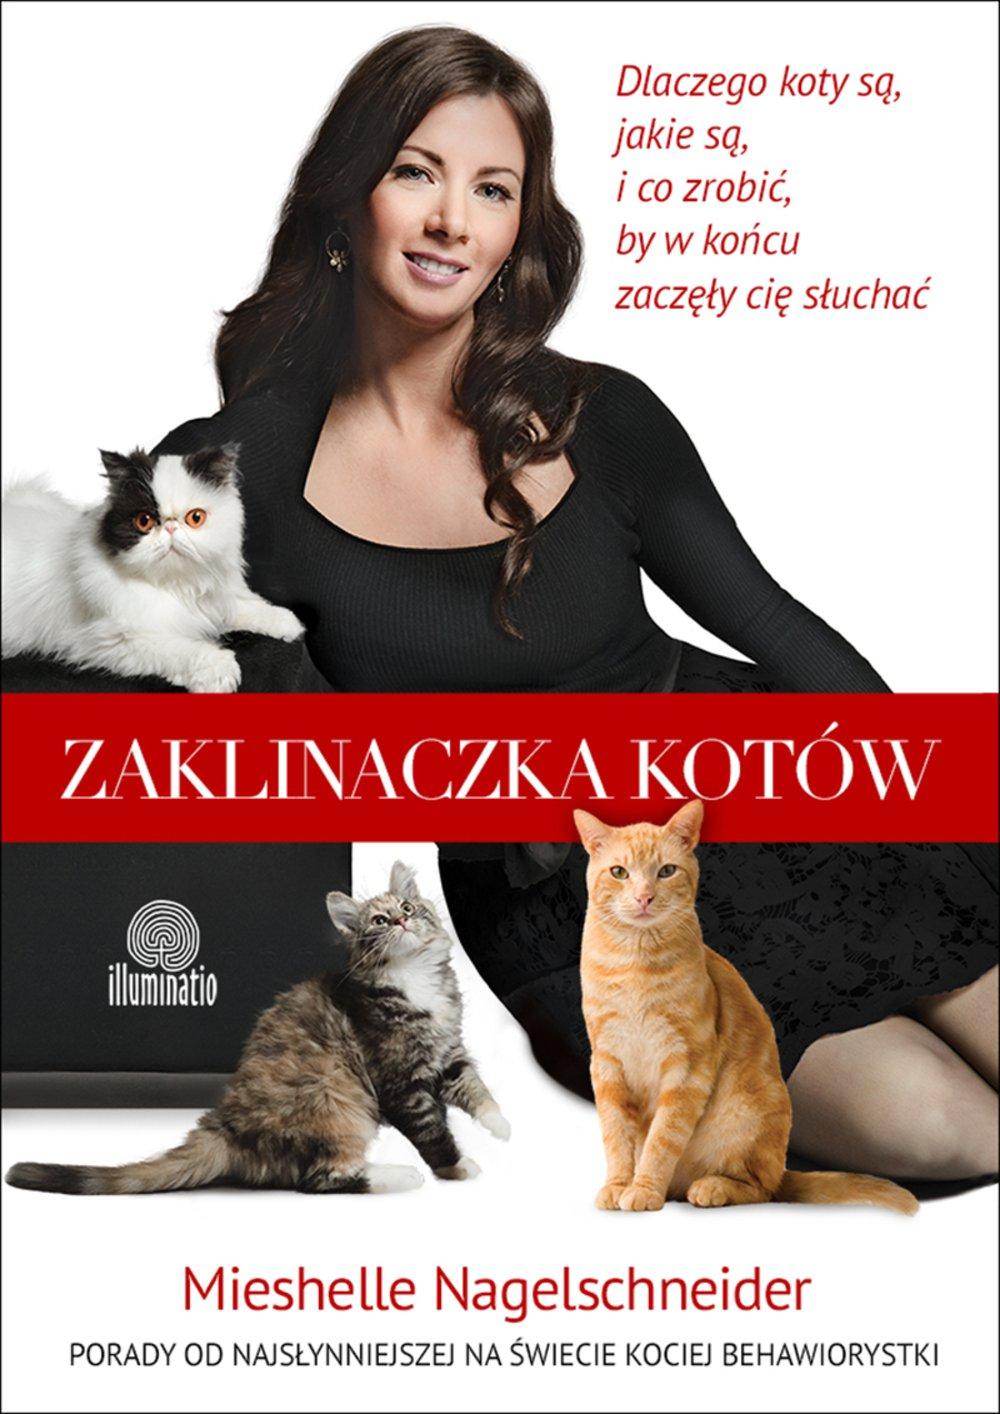 Zaklinaczka kotów. Dlaczego koty są, jakie są, i co zrobić, by w końcu zaczęły cię słuchać - Ebook (Książka na Kindle) do pobrania w formacie MOBI